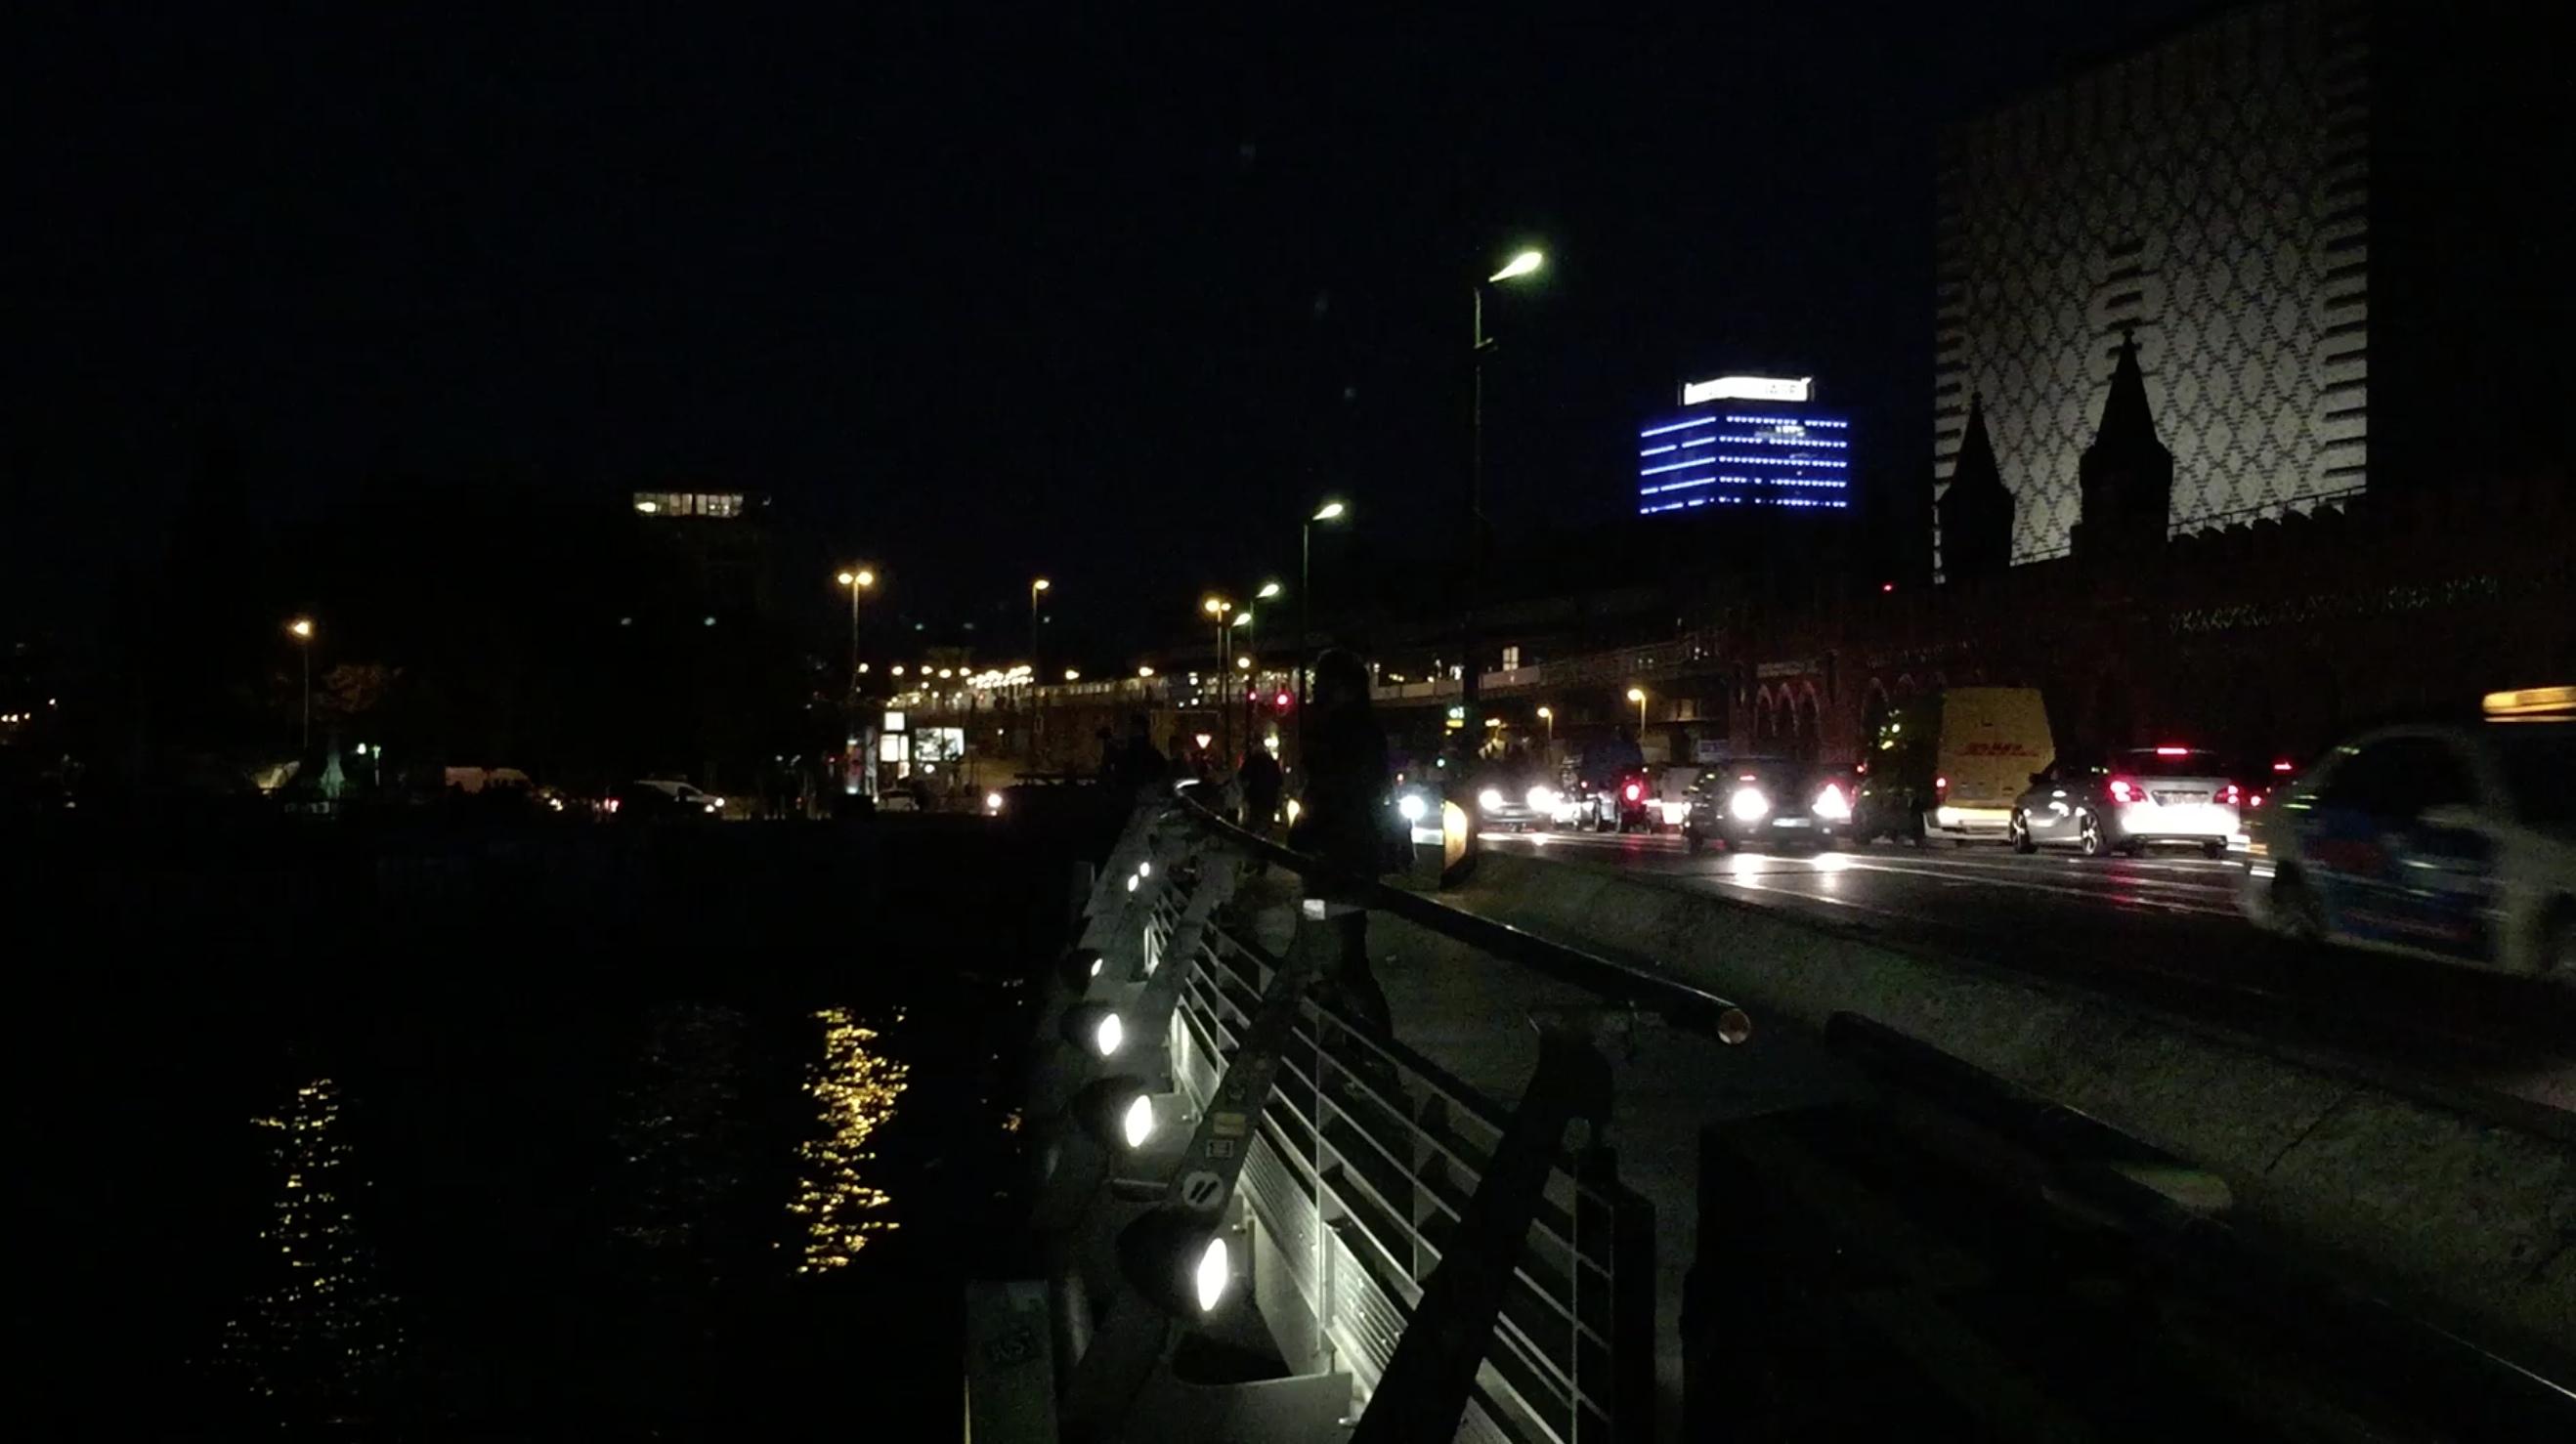 Testvideo iPhone 6 bei Nacht